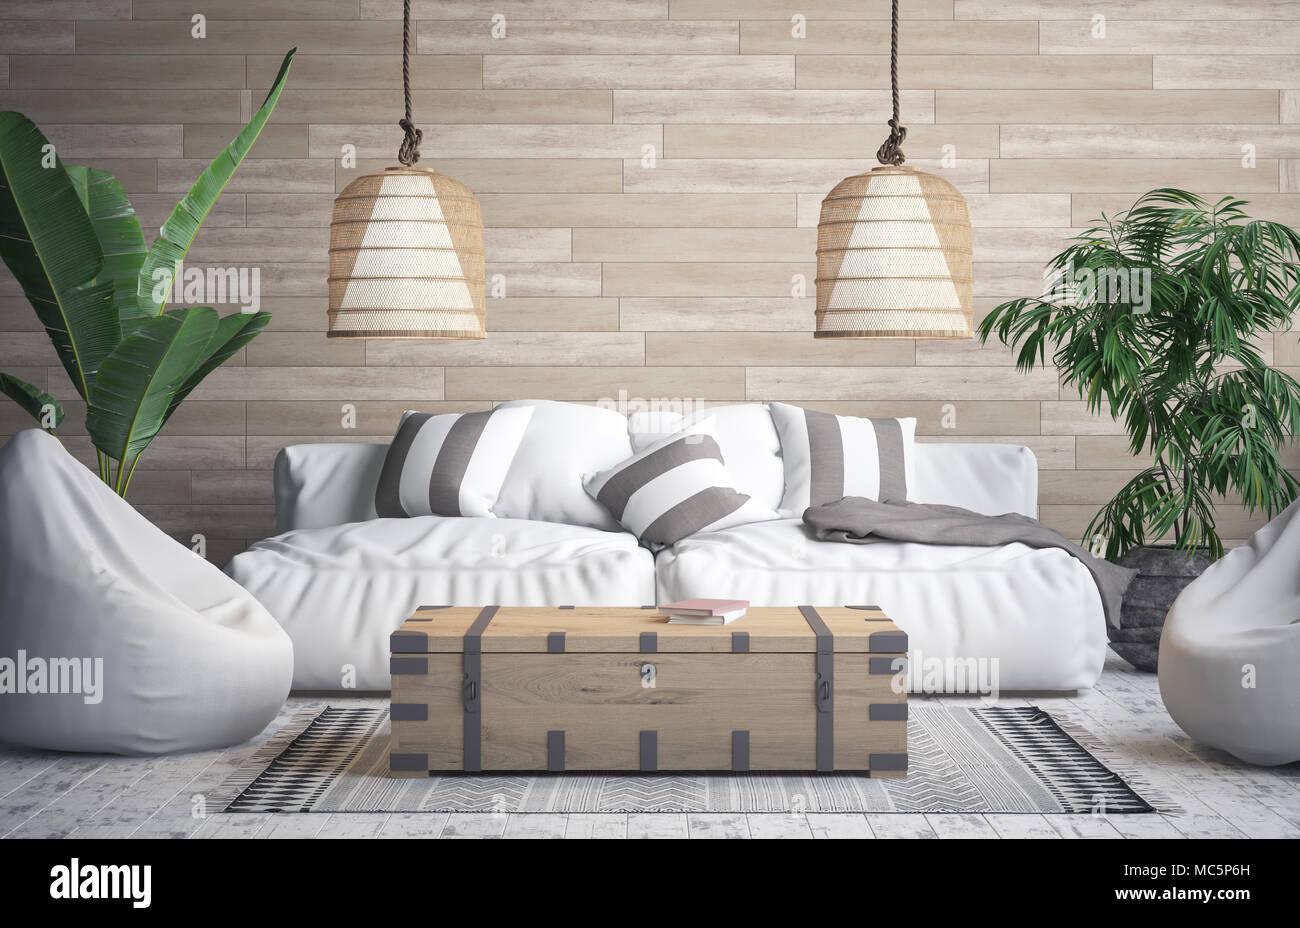 Tropische Interieur Hintergrund, 3D-Rendering Stockfoto, Bild ...